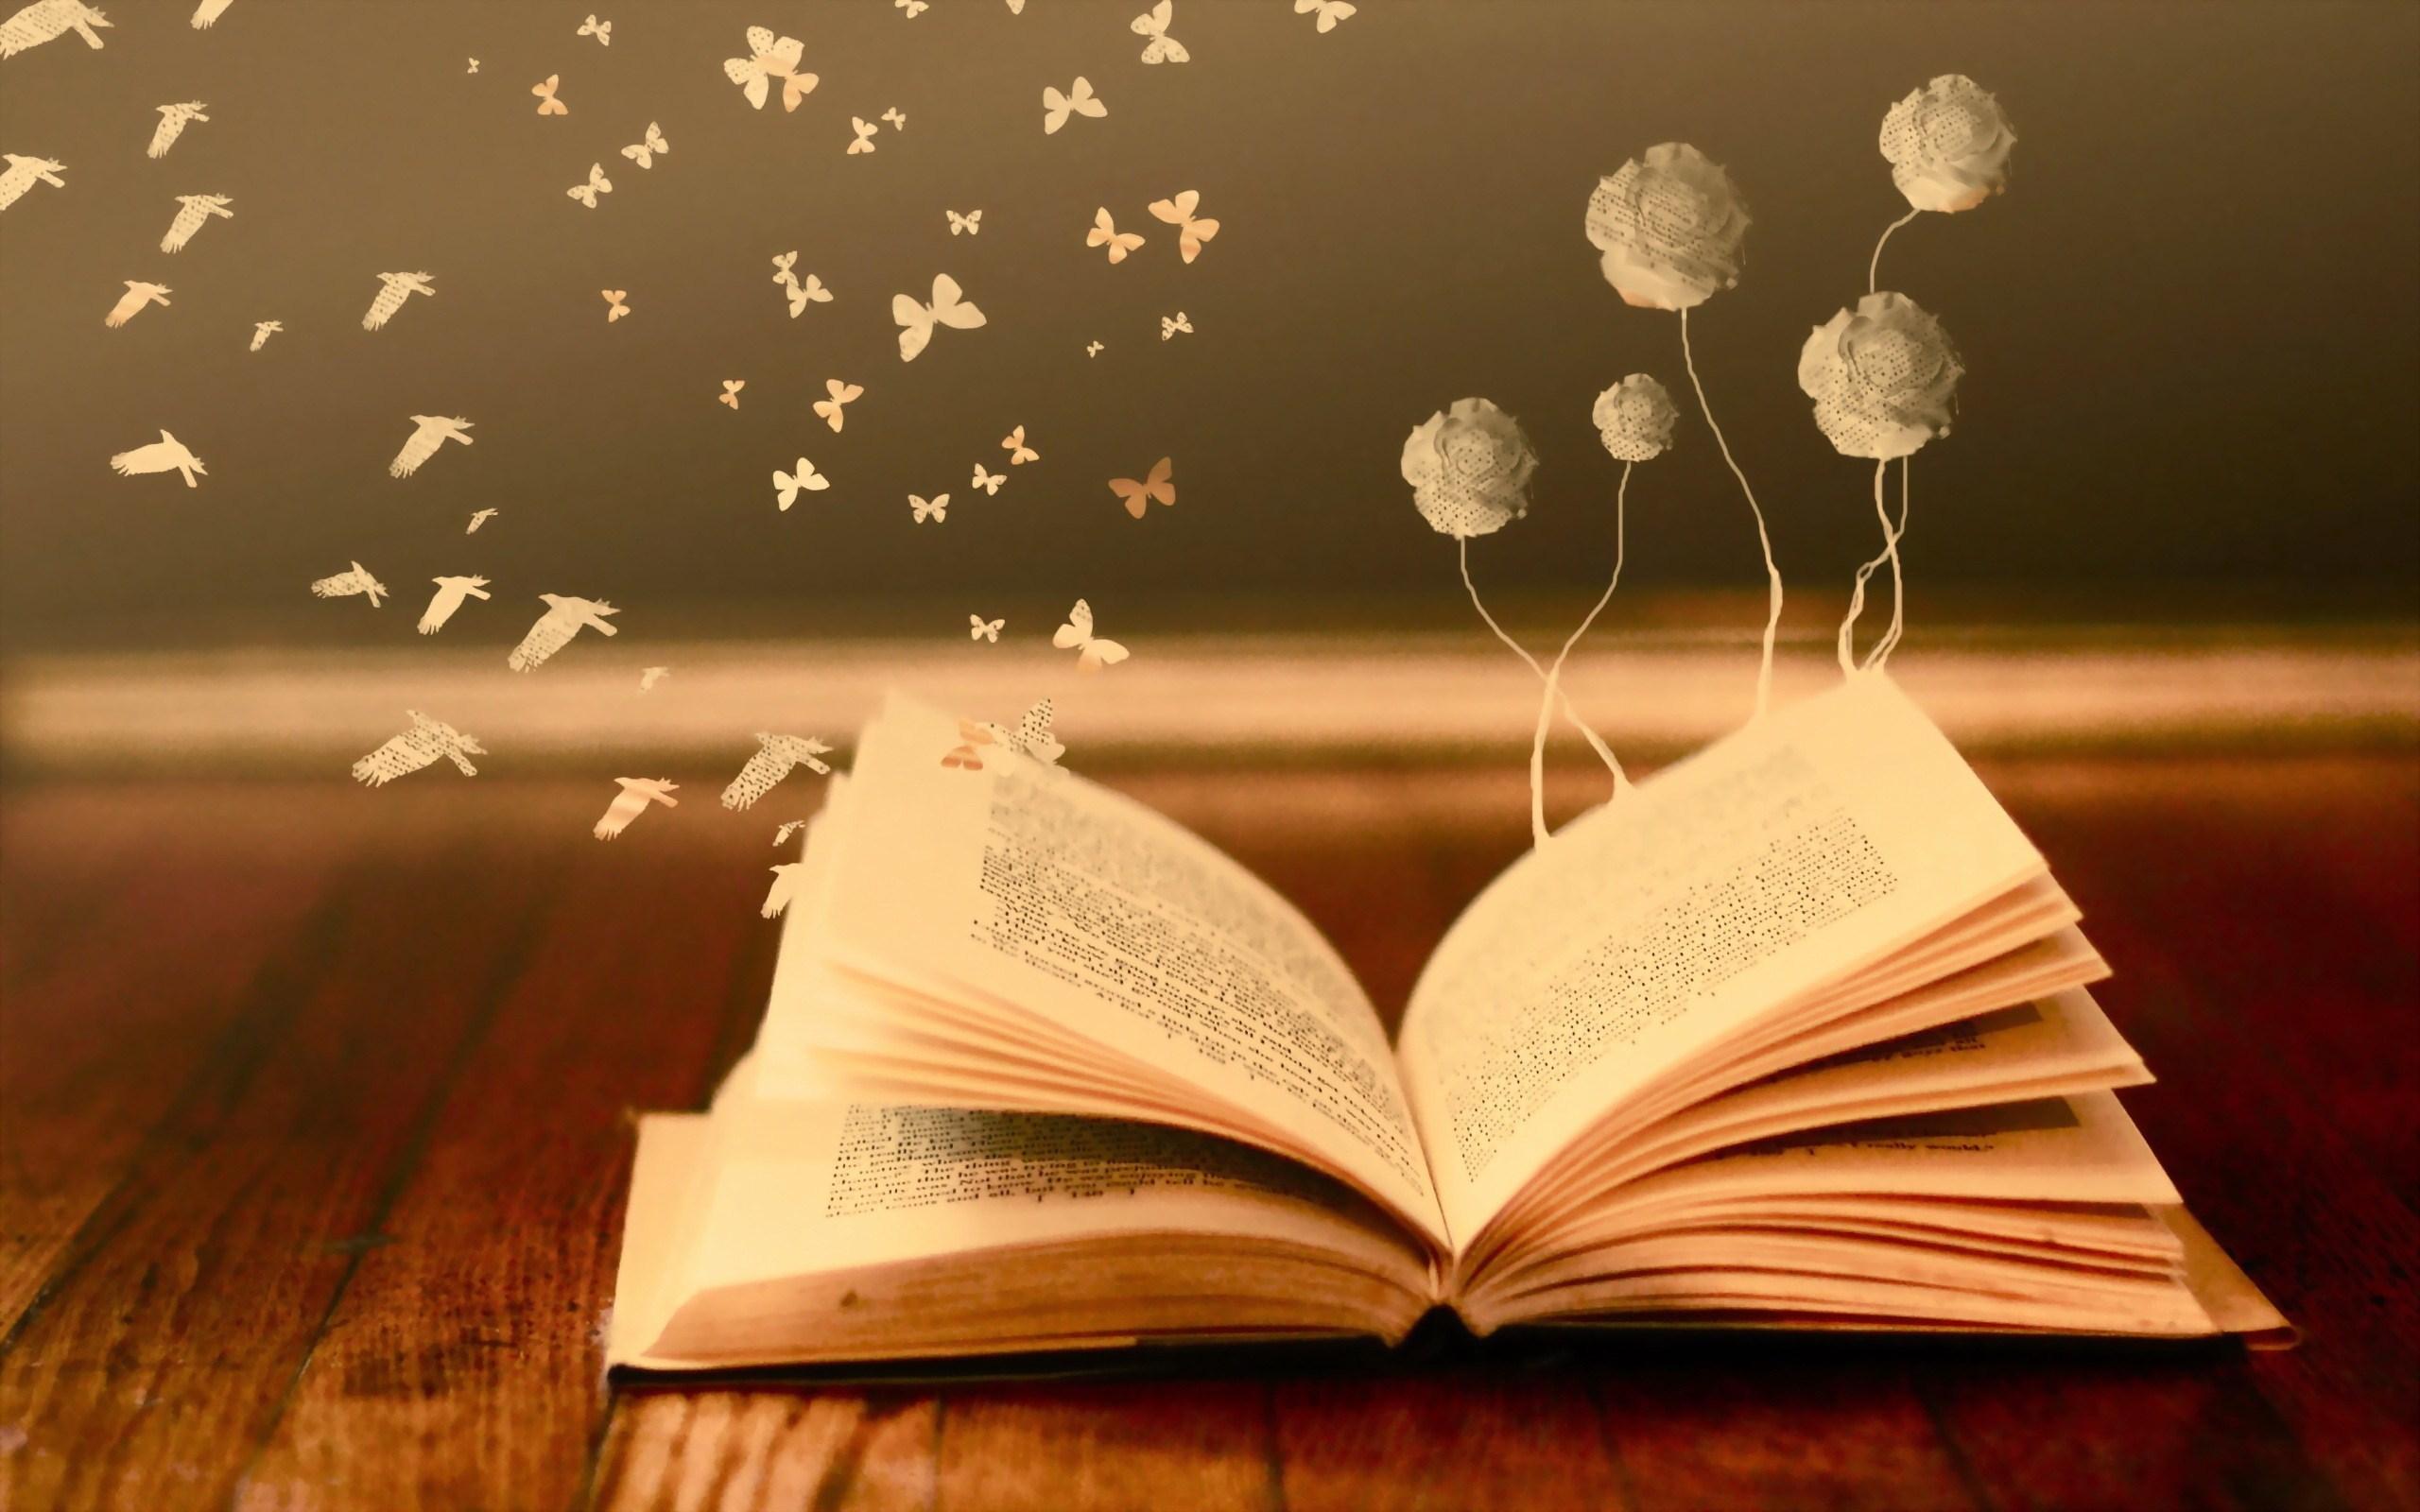 book-butterflies-birds-flowers-creative-hd-wallpaper